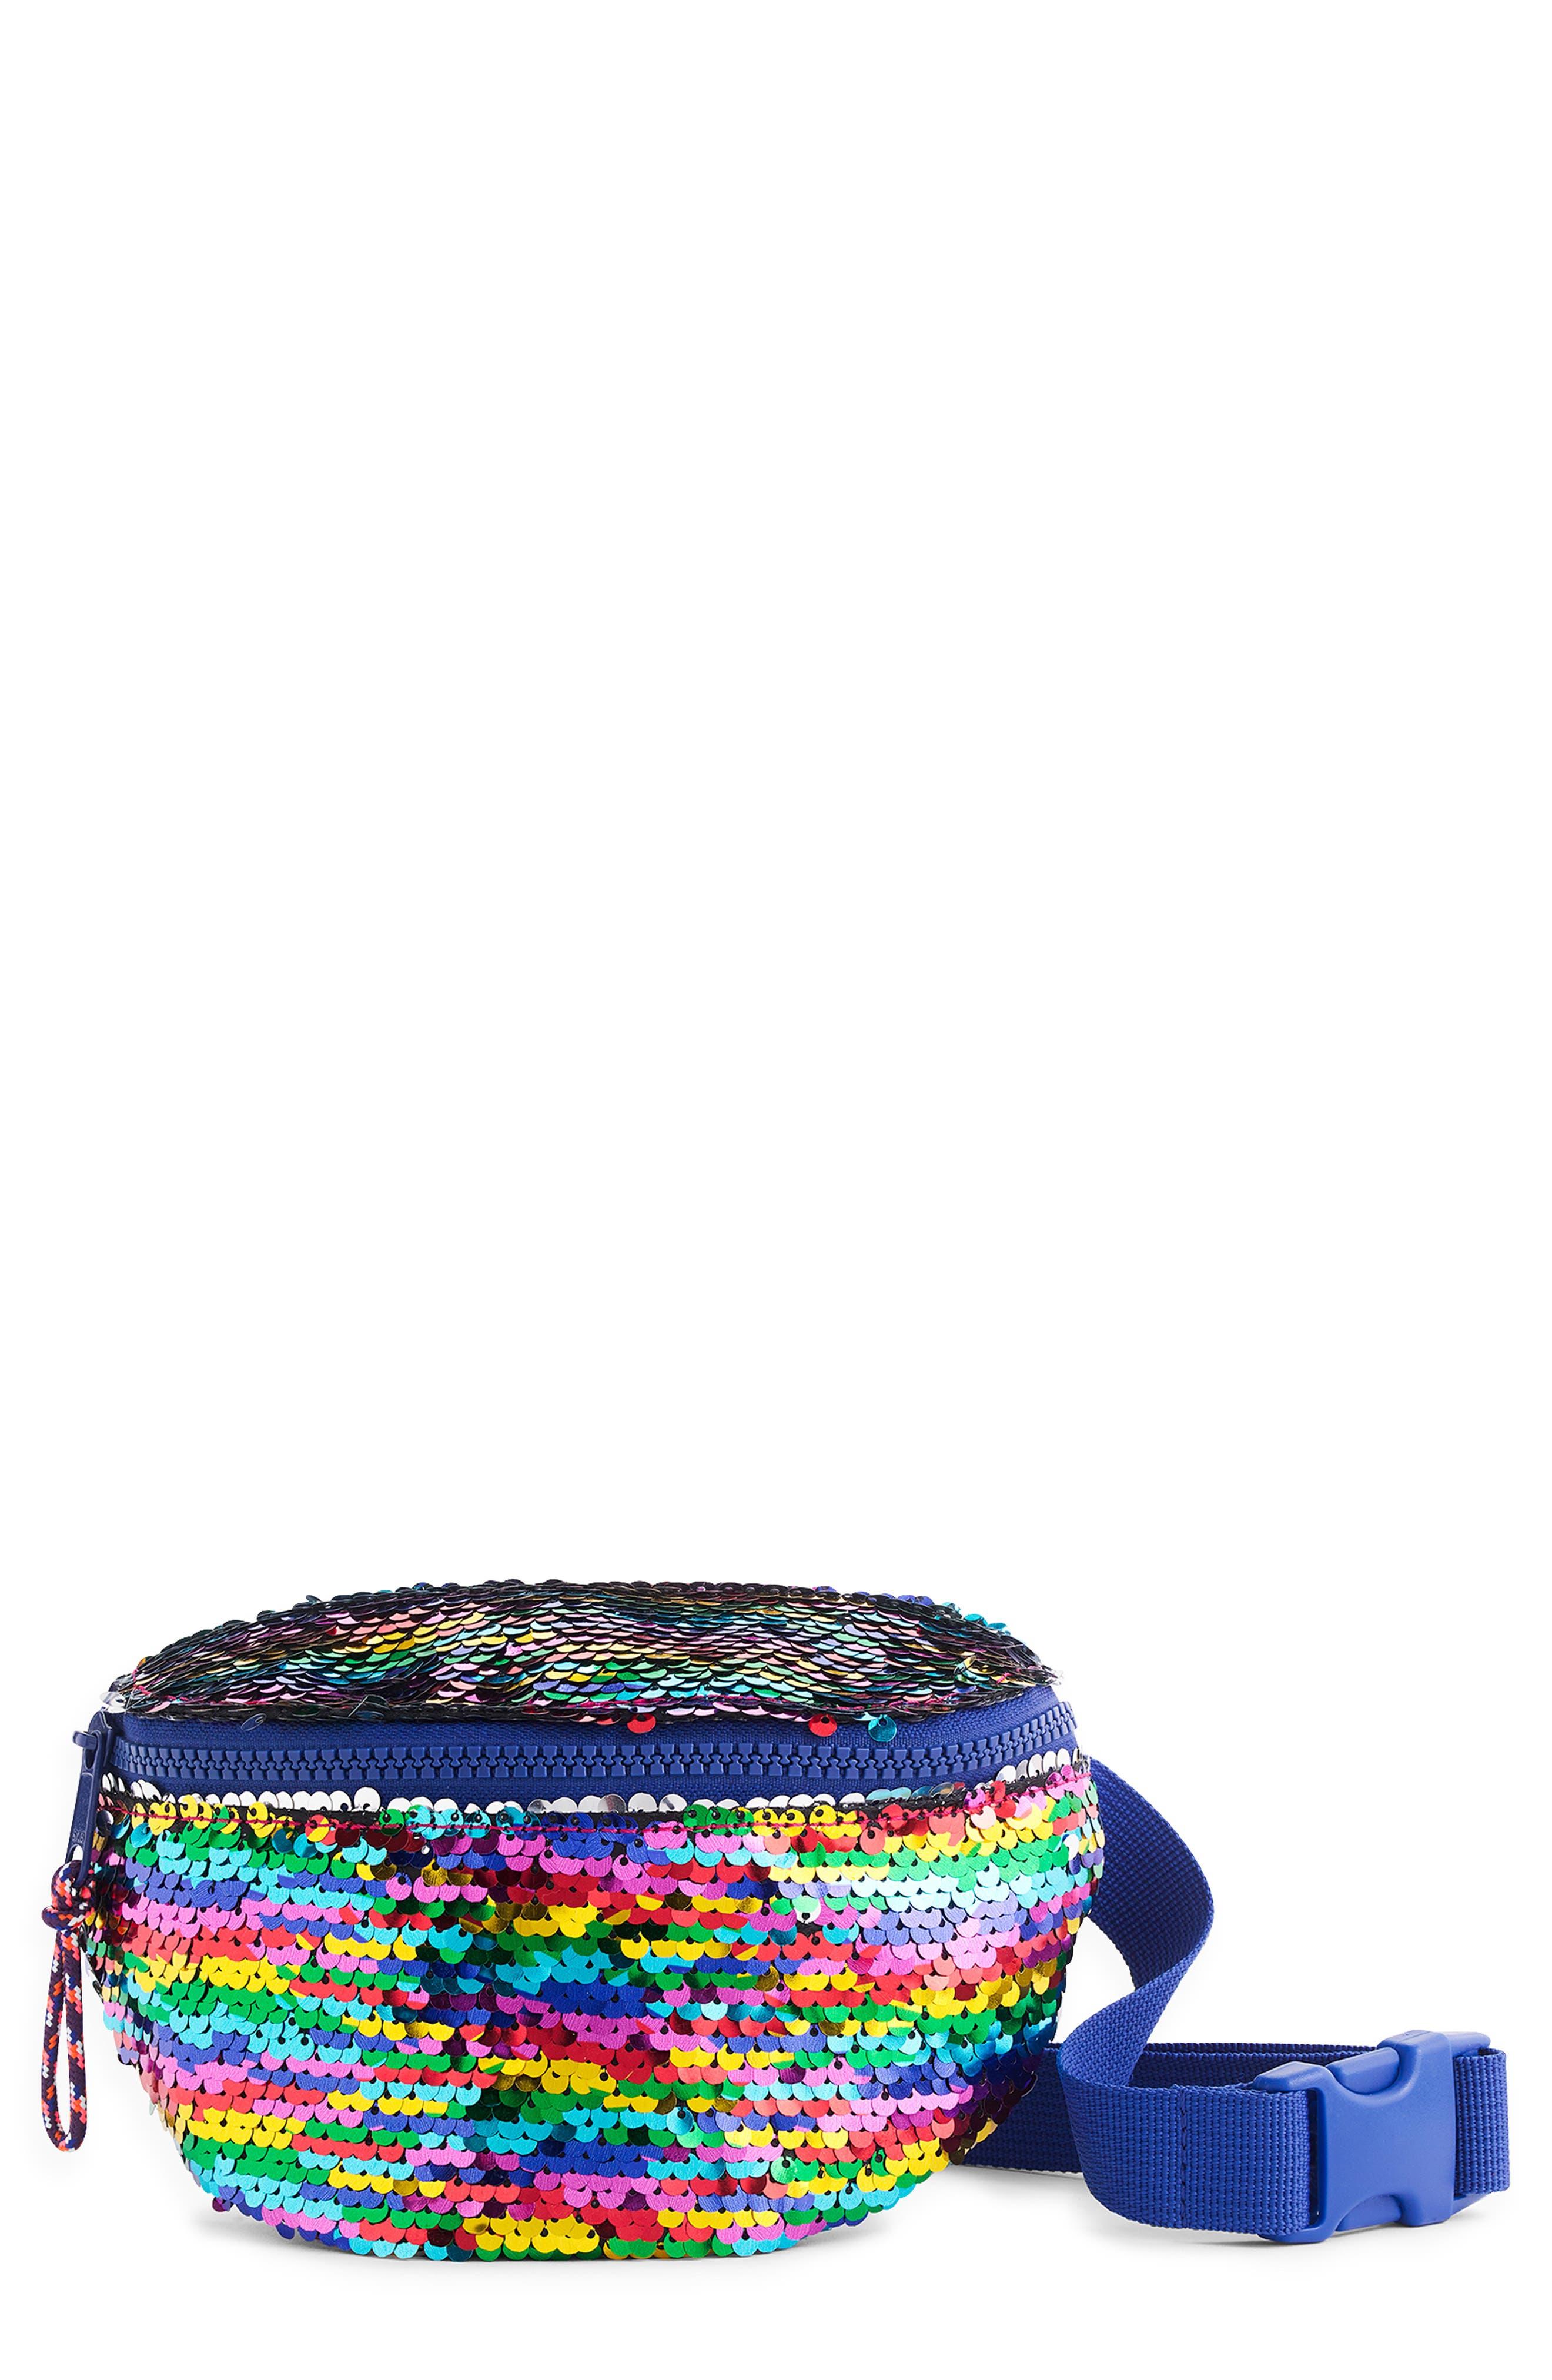 Girls Crewcuts By Jcrew Reversible Sequin Belt Bag  None